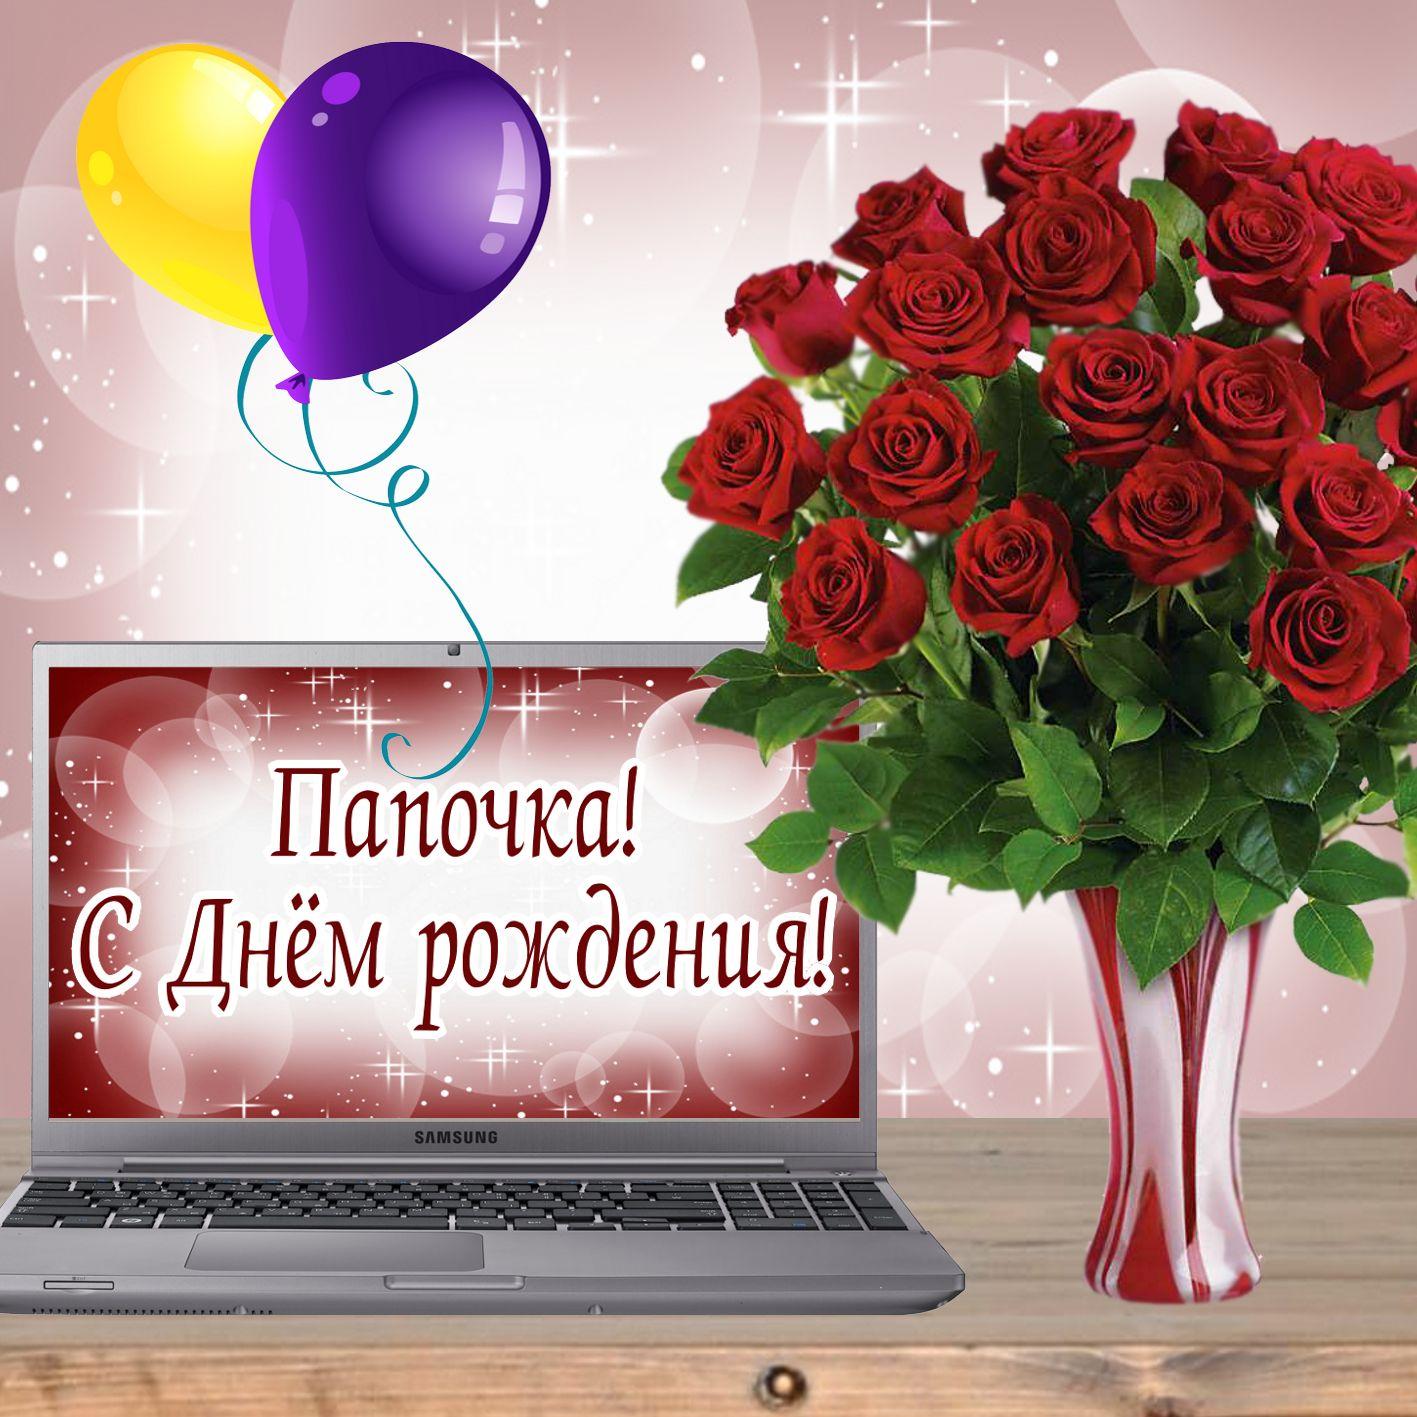 Открытка с ноутбуком и букетом роз папе на День рождения